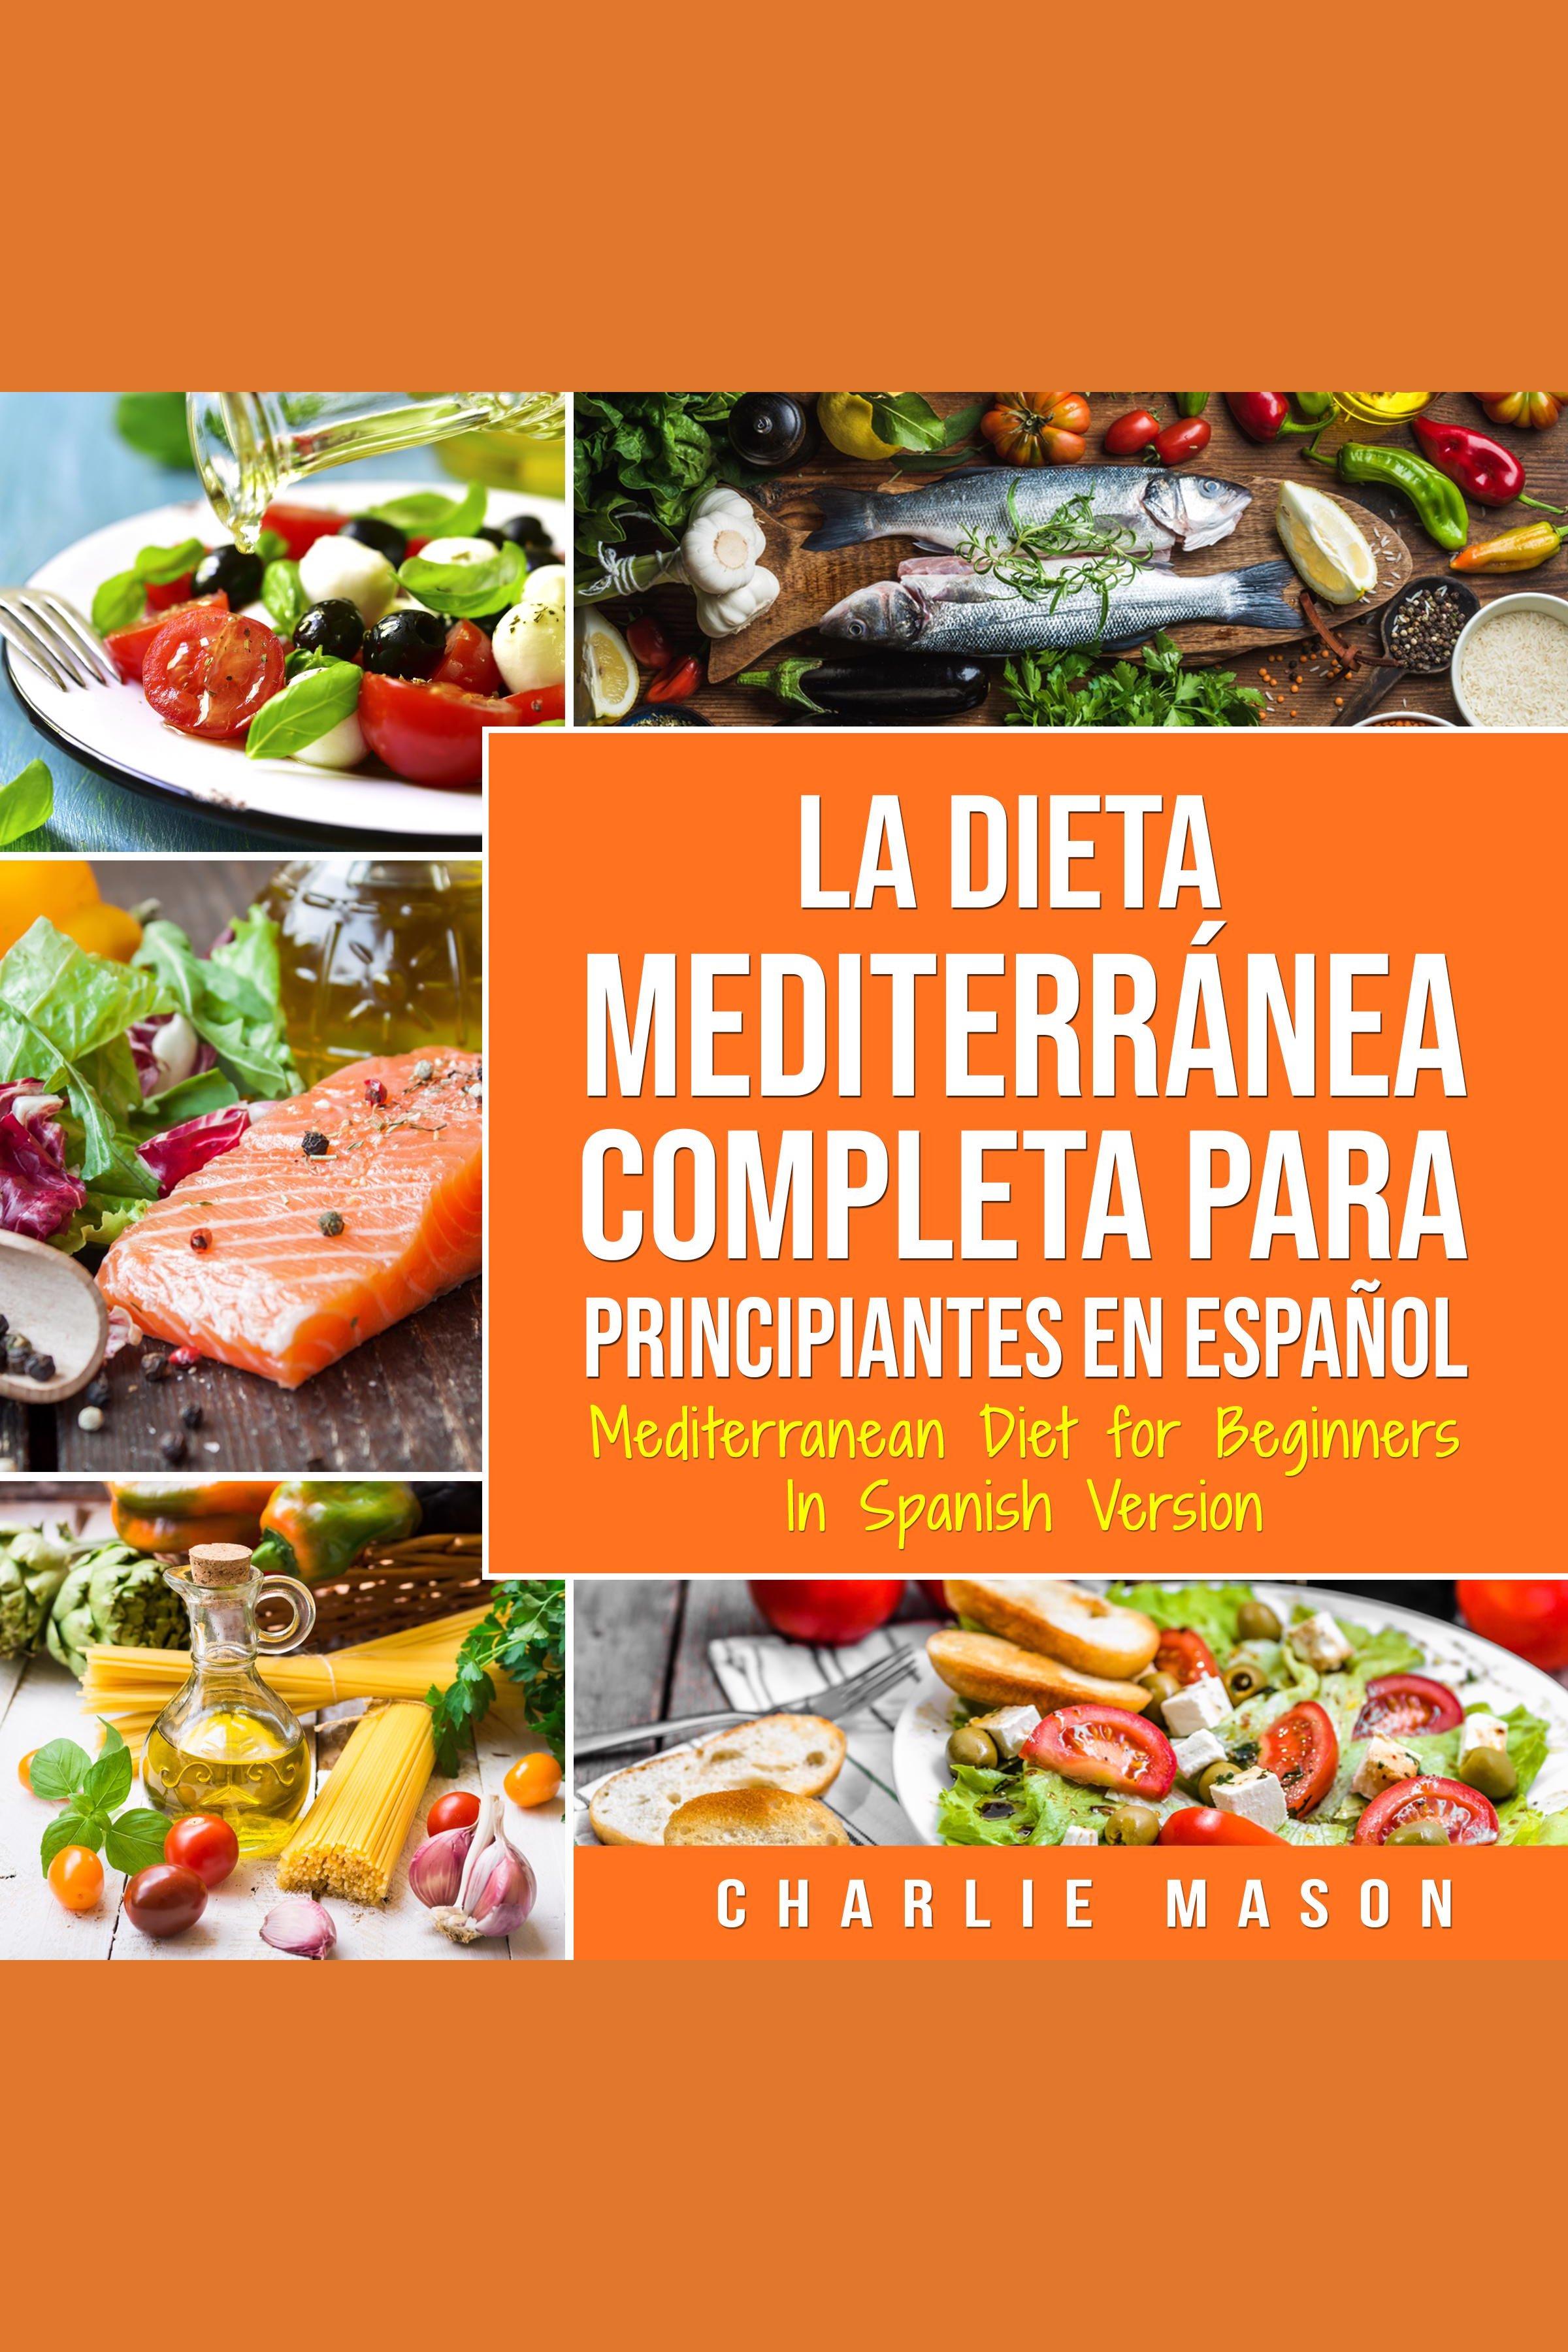 Esta es la portada del audiolibro La Dieta Mediterránea Completa para Principiantes En español / Mediterranean Diet for Beginners In Spanish Version (Spanish Edition)